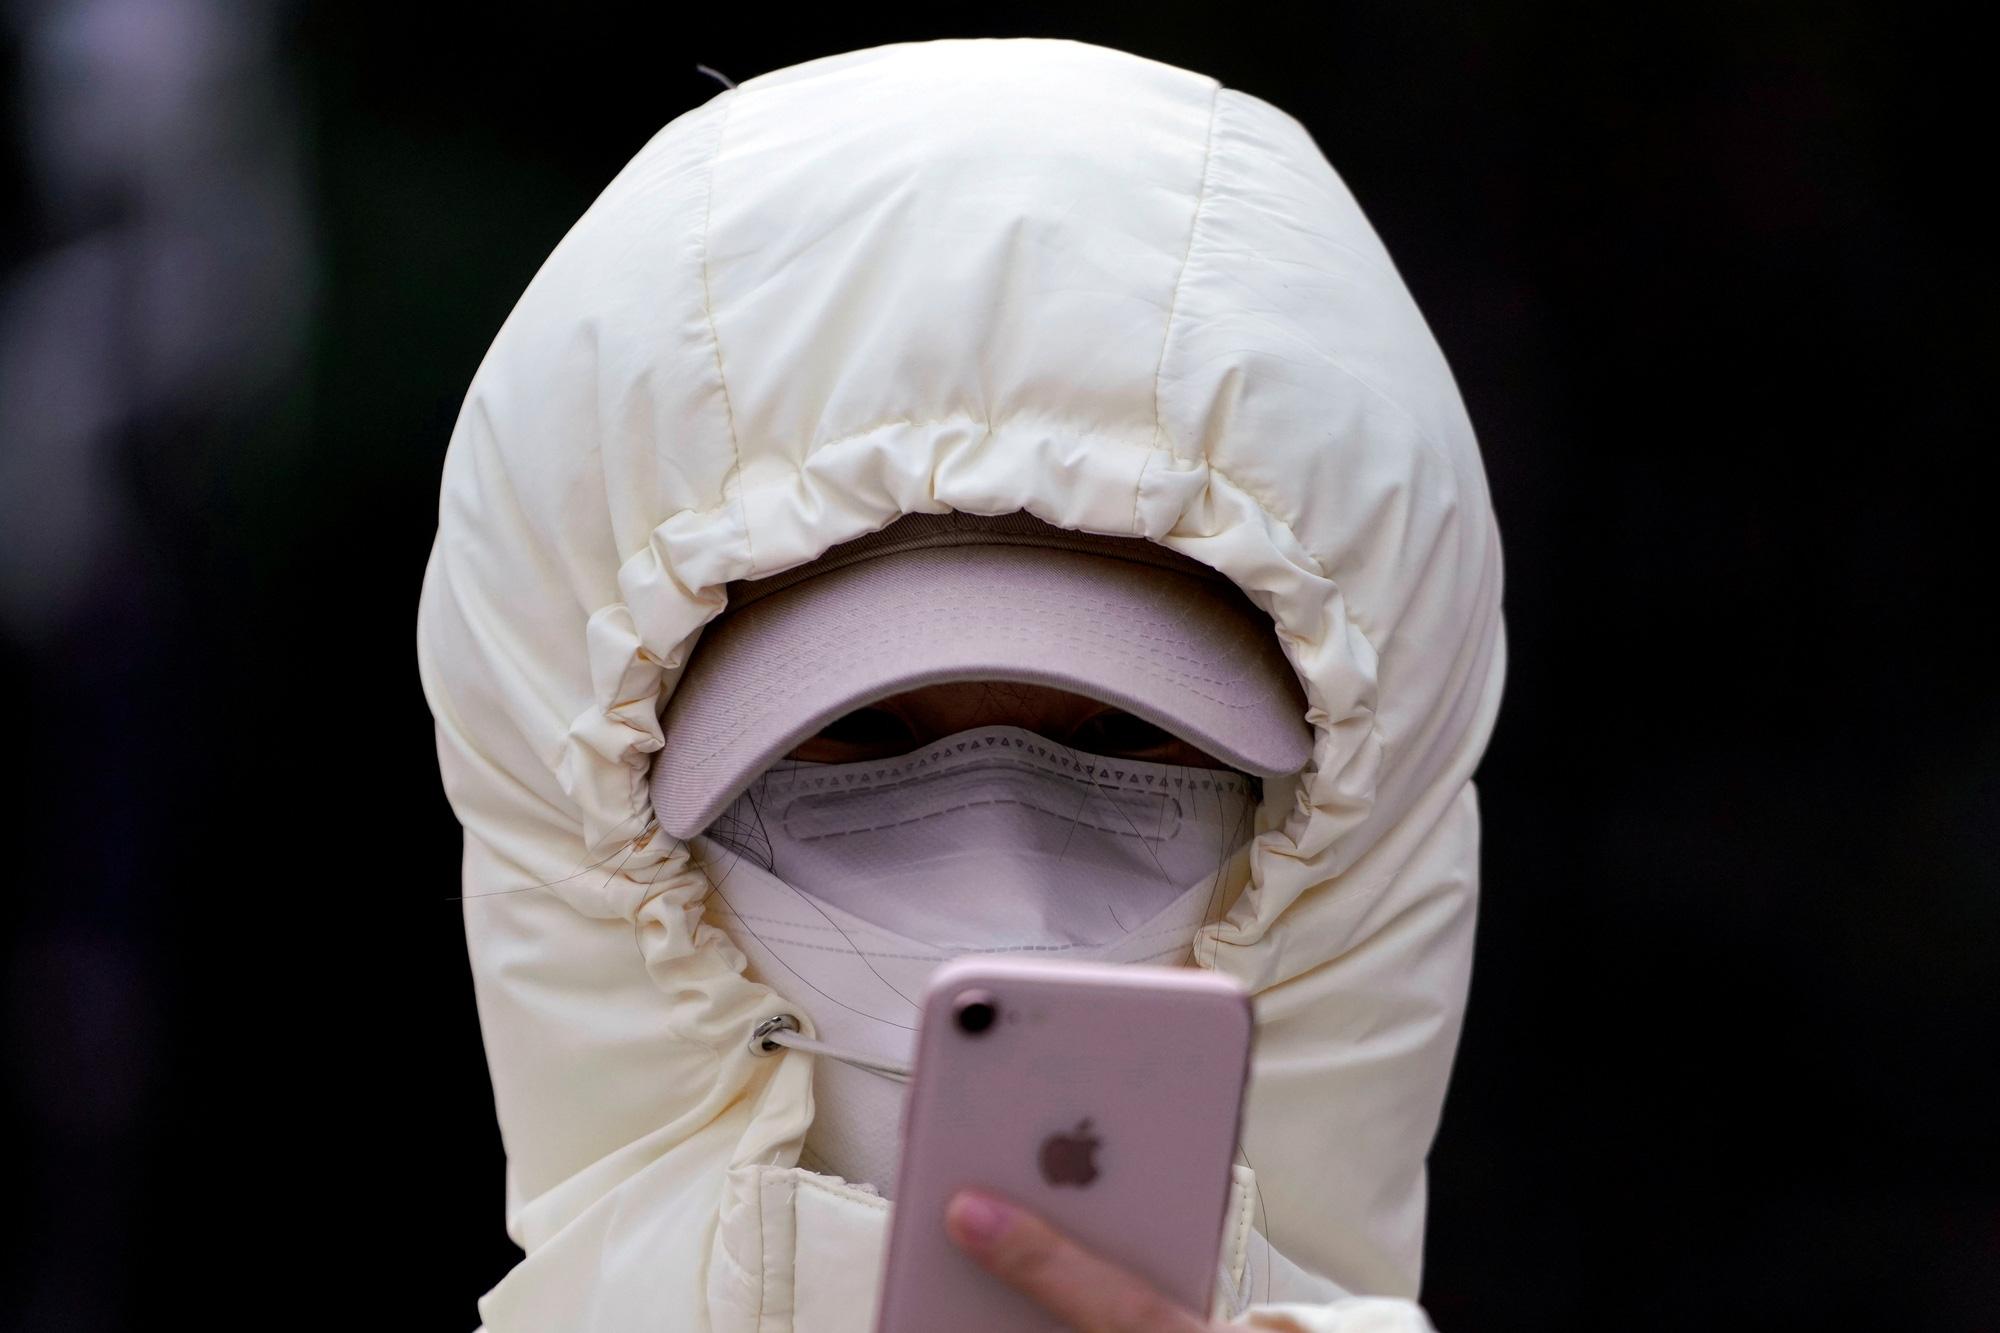 Trung Quốc lập app chỉ điểm tận con phố có virus corona - Ảnh 1.